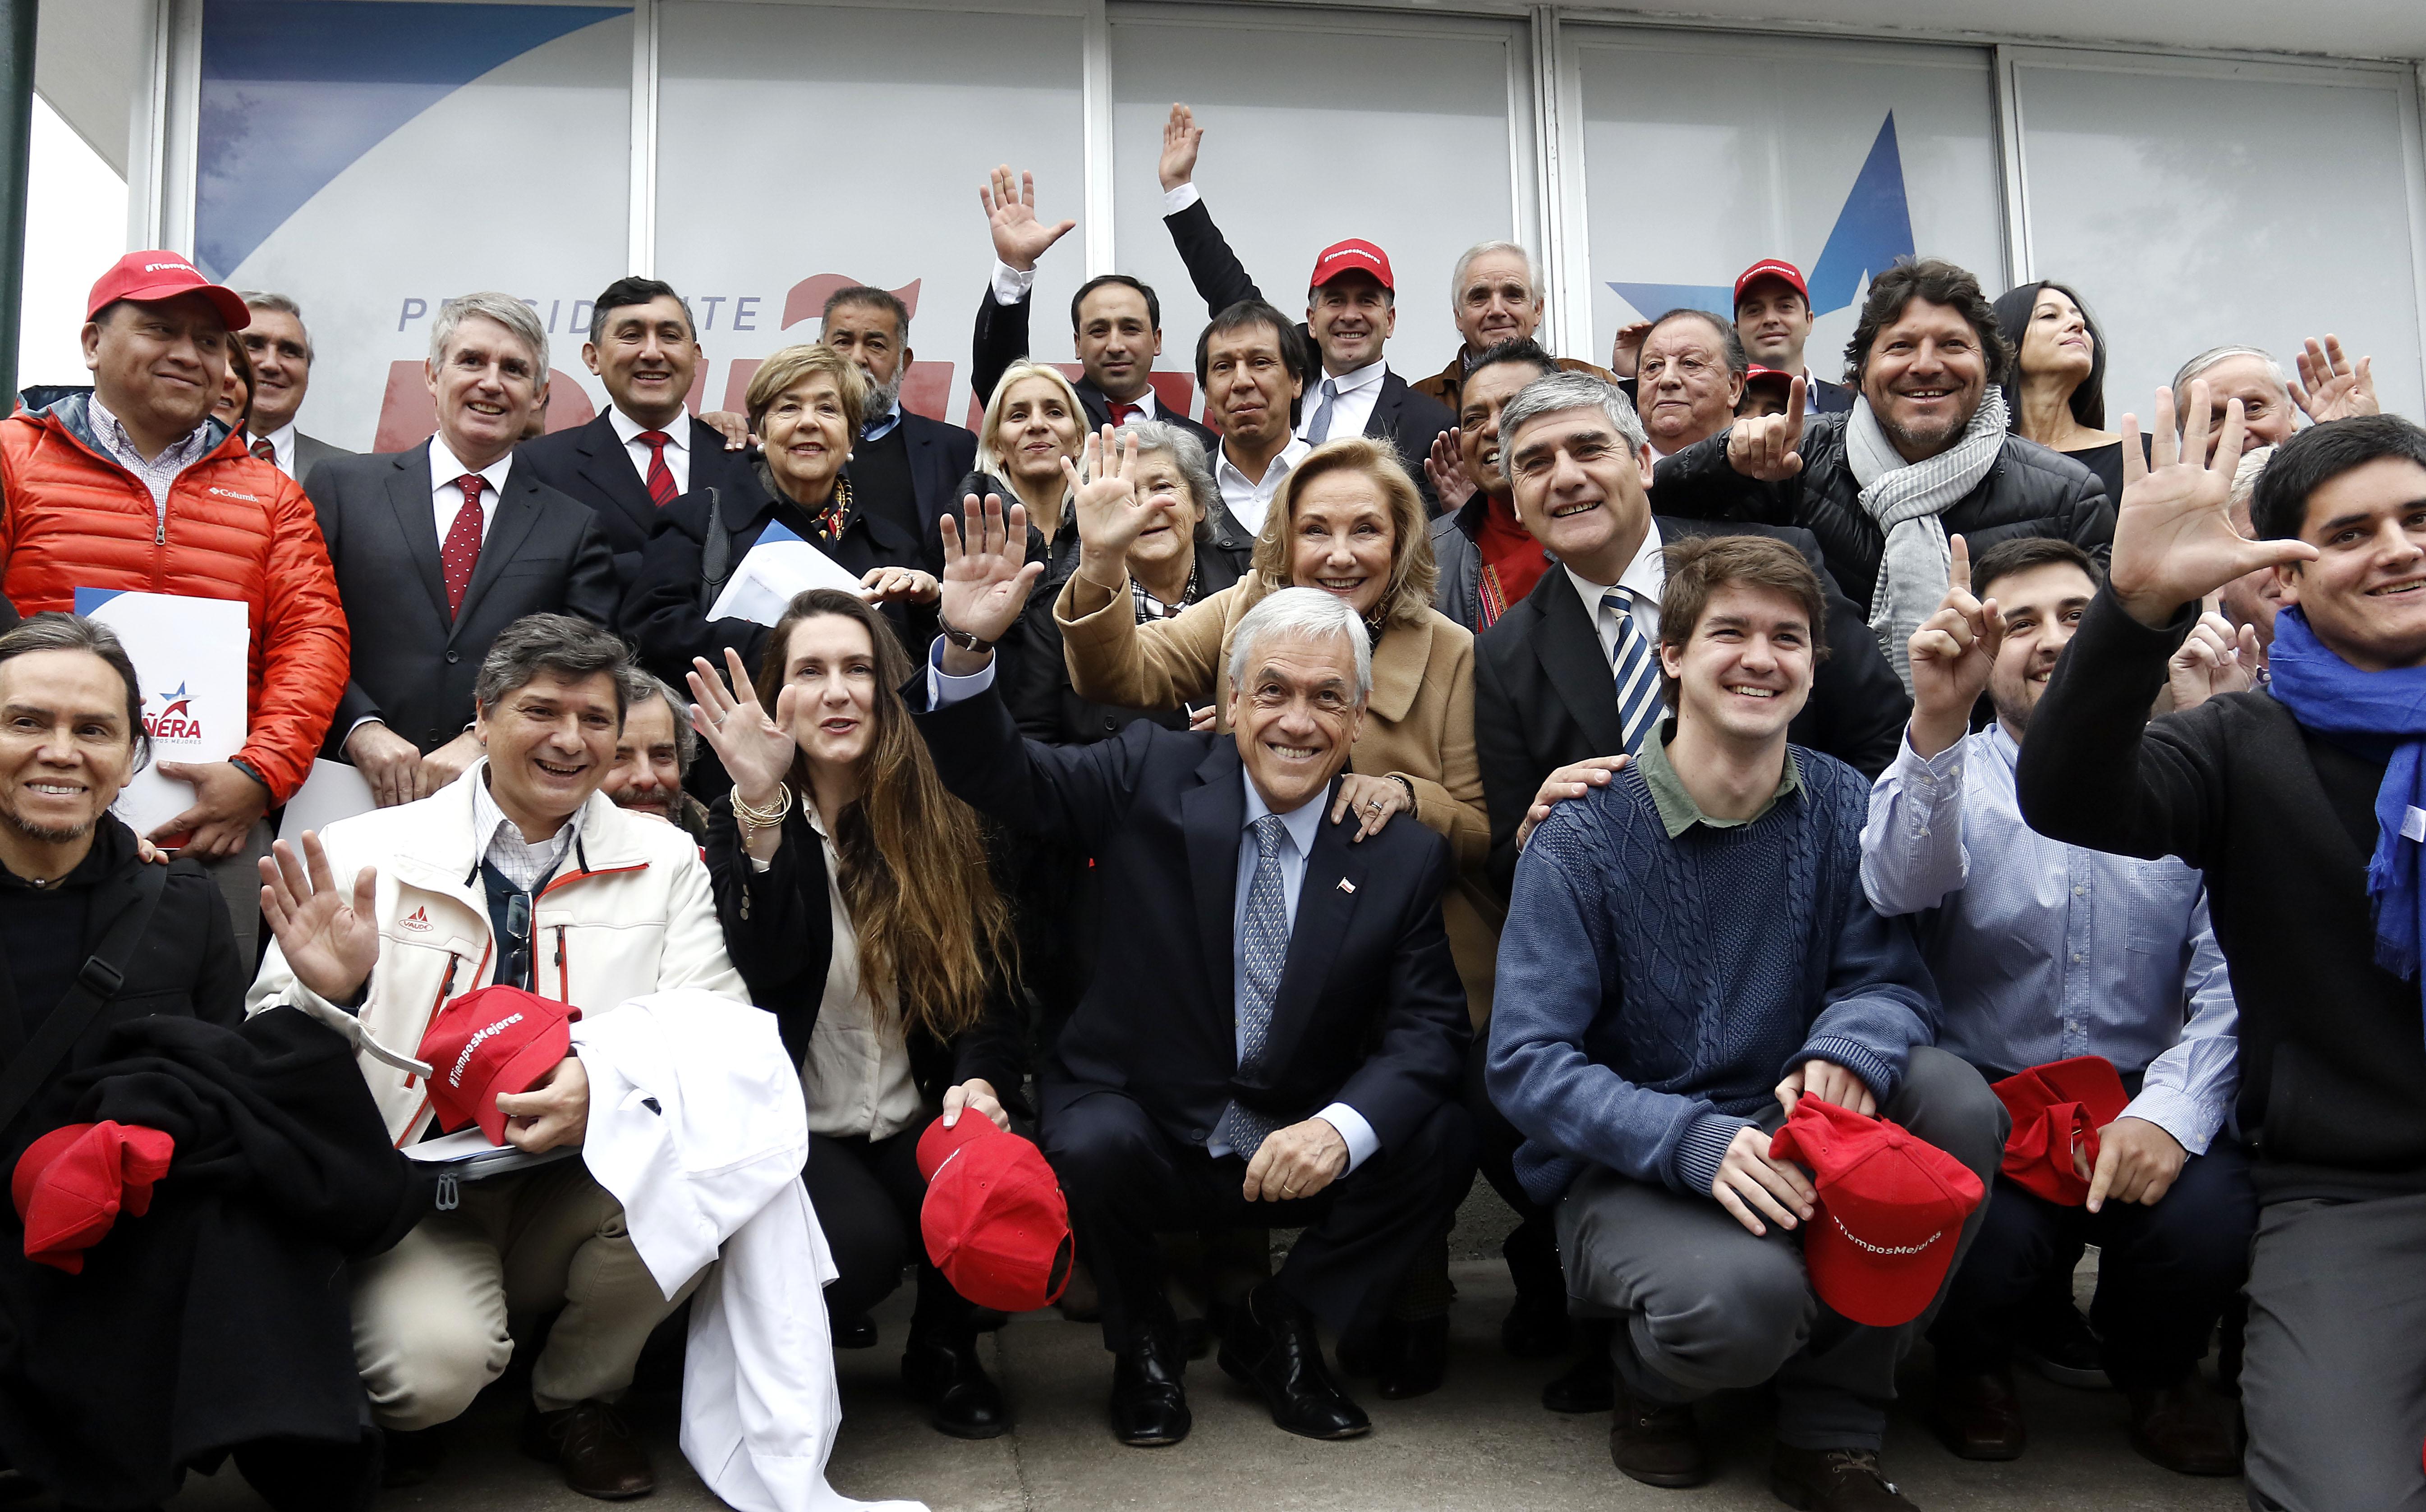 Quién es Sergio Pérez, el líder de los camioneros que integra el Consejo Ciudadano de Piñera